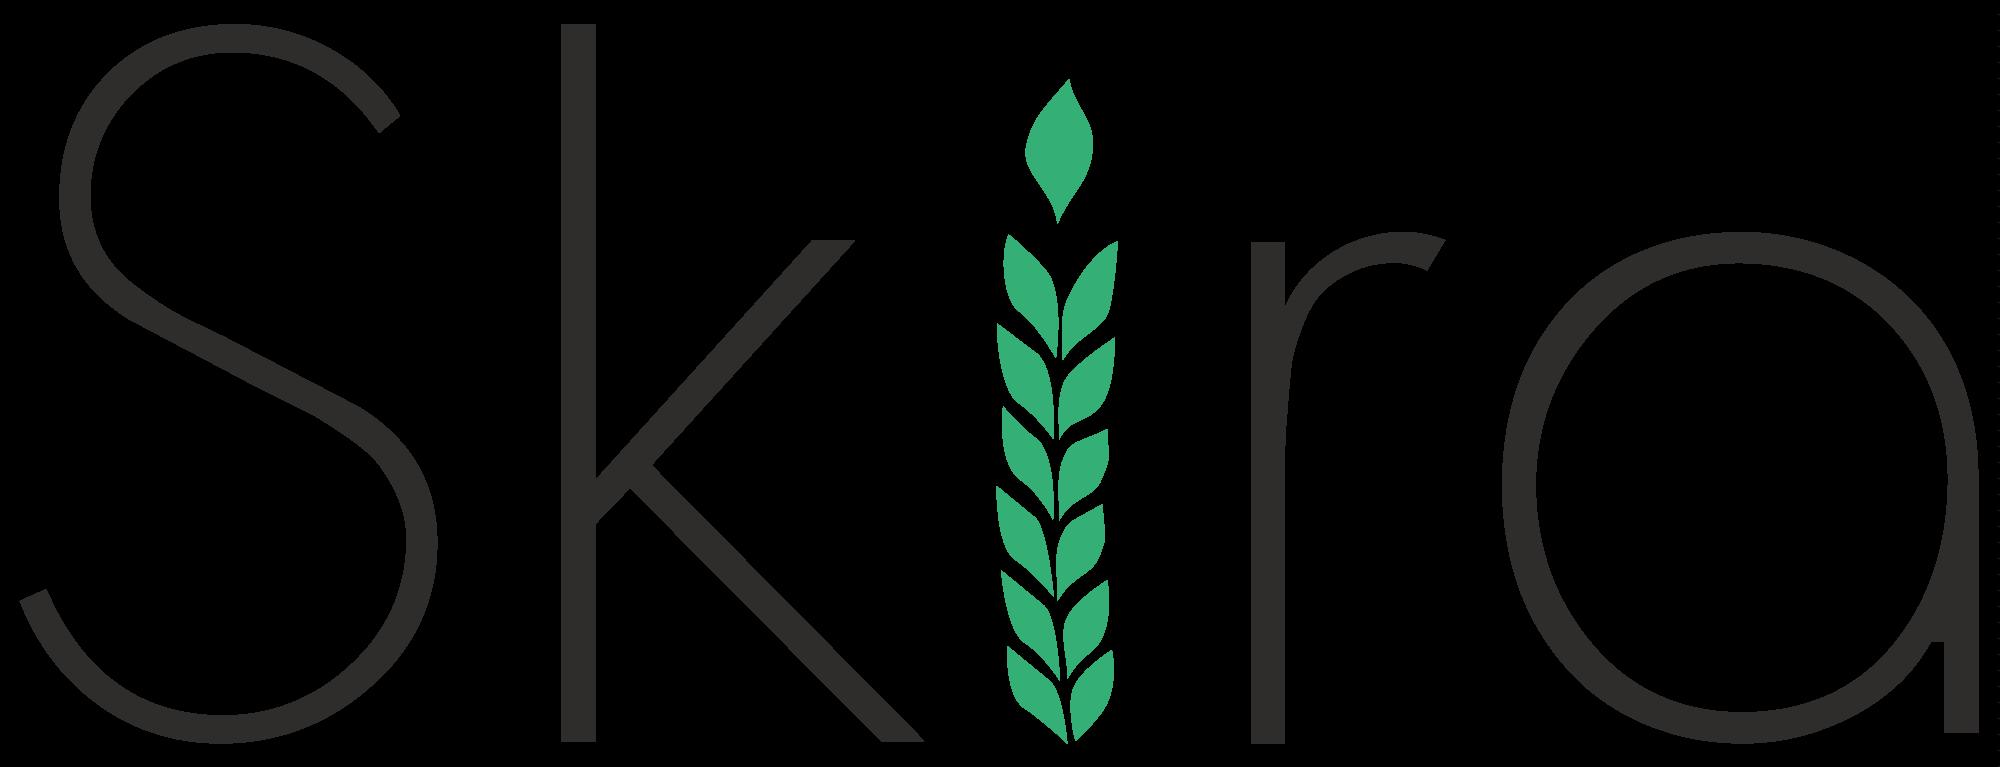 cropped-skira-logo-1.png